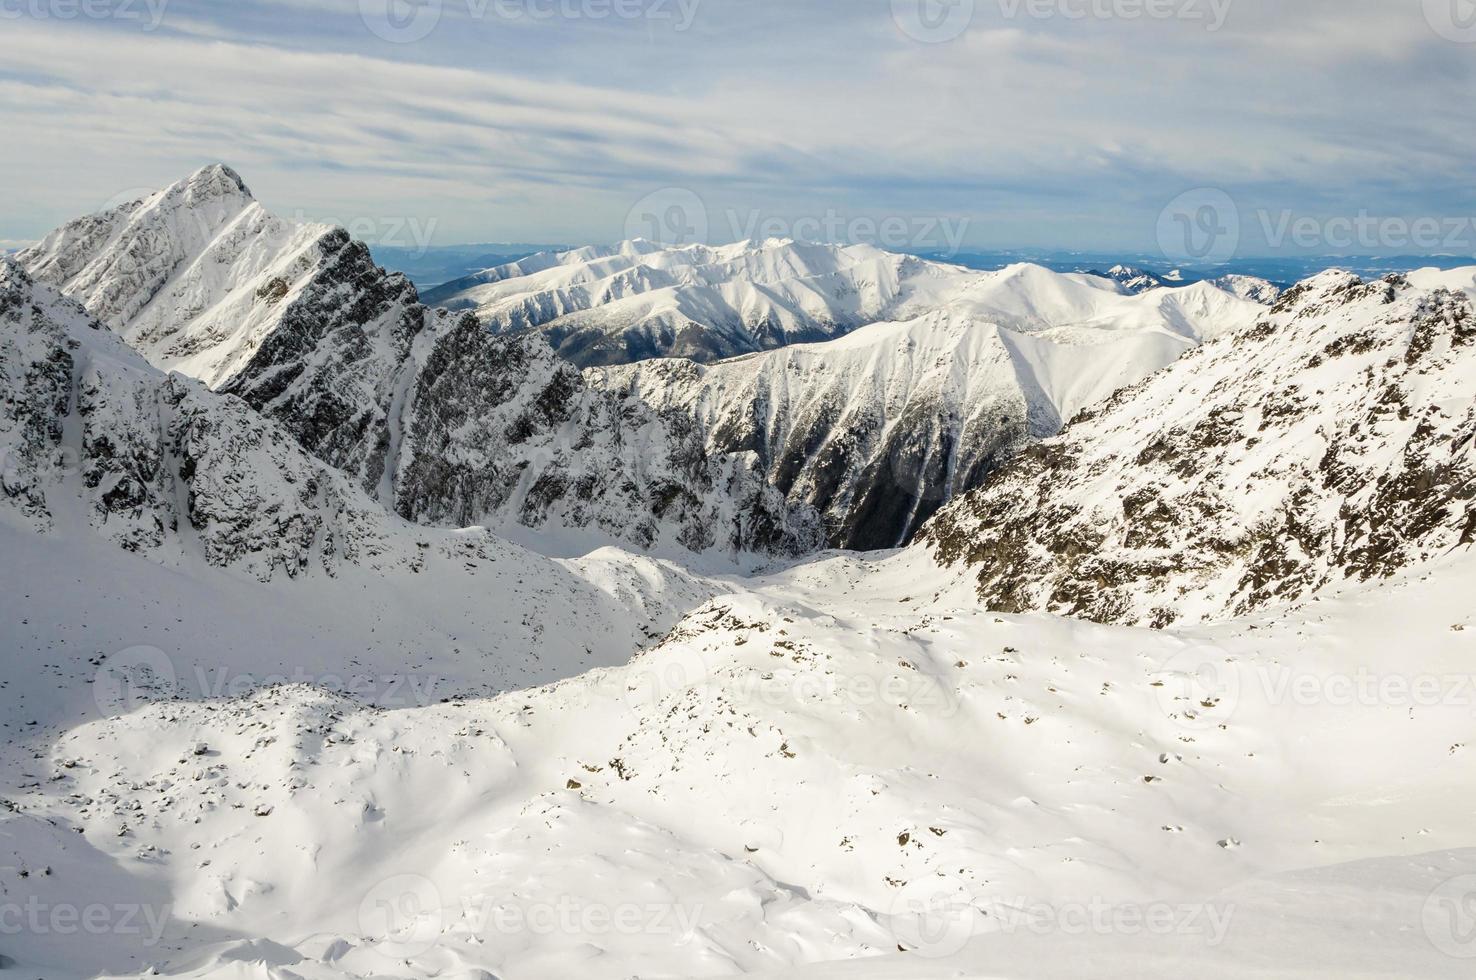 l'hiver dans les montagnes est magnifique photo